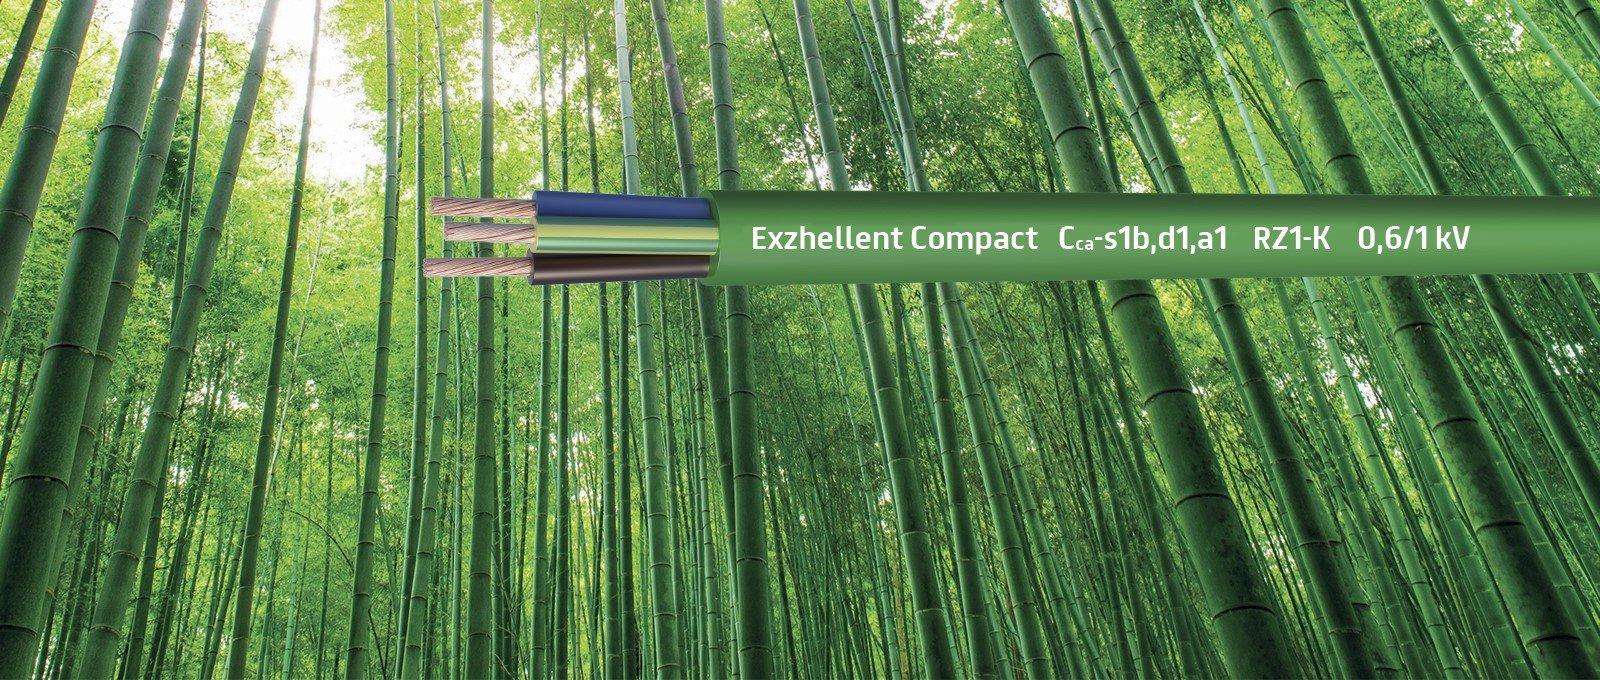 ExZHellent® Compact: Compacto y Ligero, Inspirado en la naturaleza